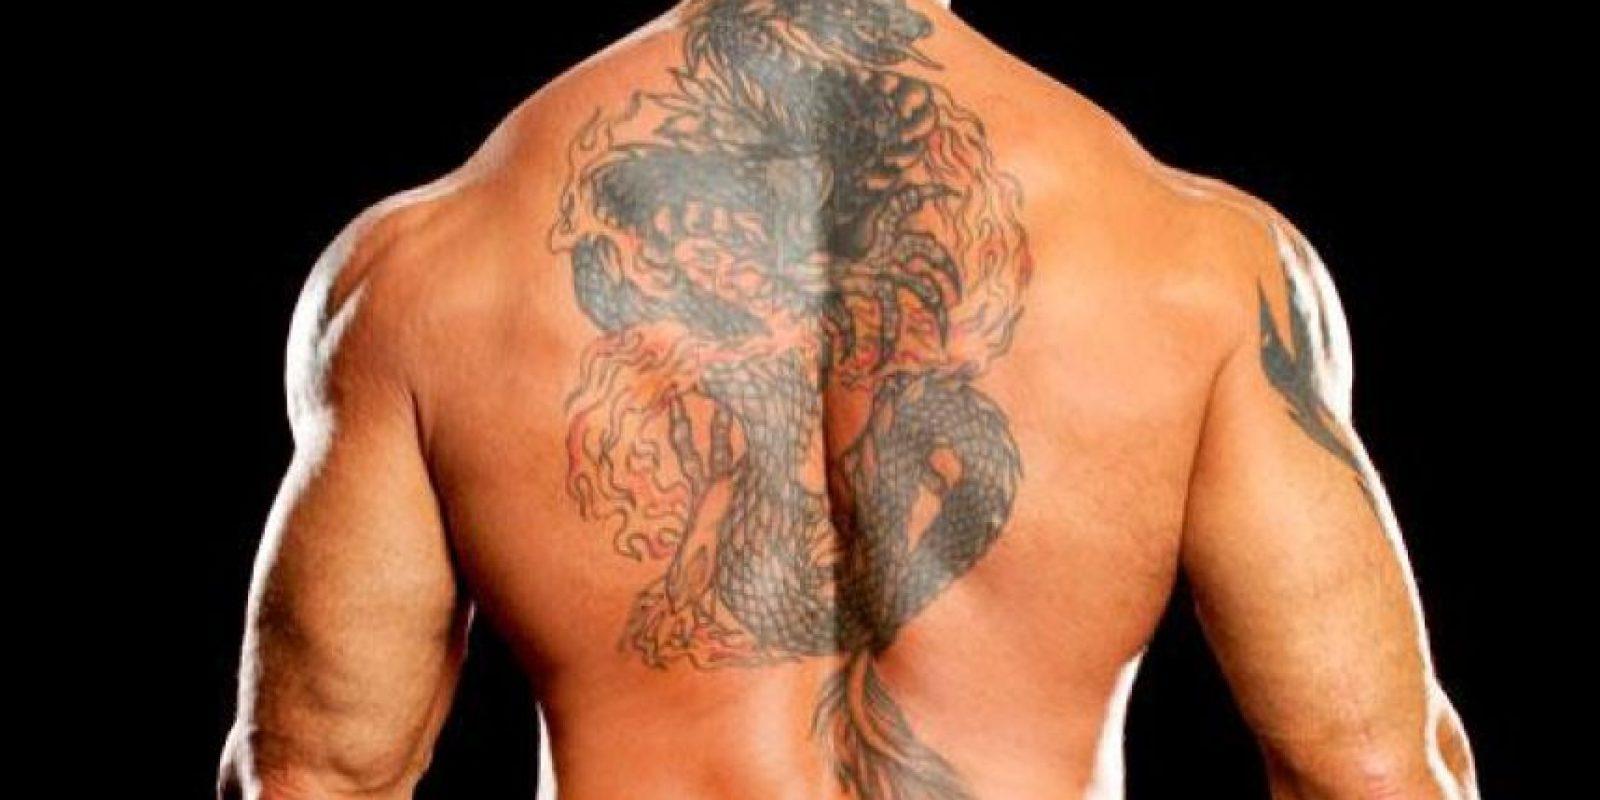 Tiene un gran dragón chino en la espalda, su pieza artística favorita, que significa fortuna y fertilidad. Foto:WWE